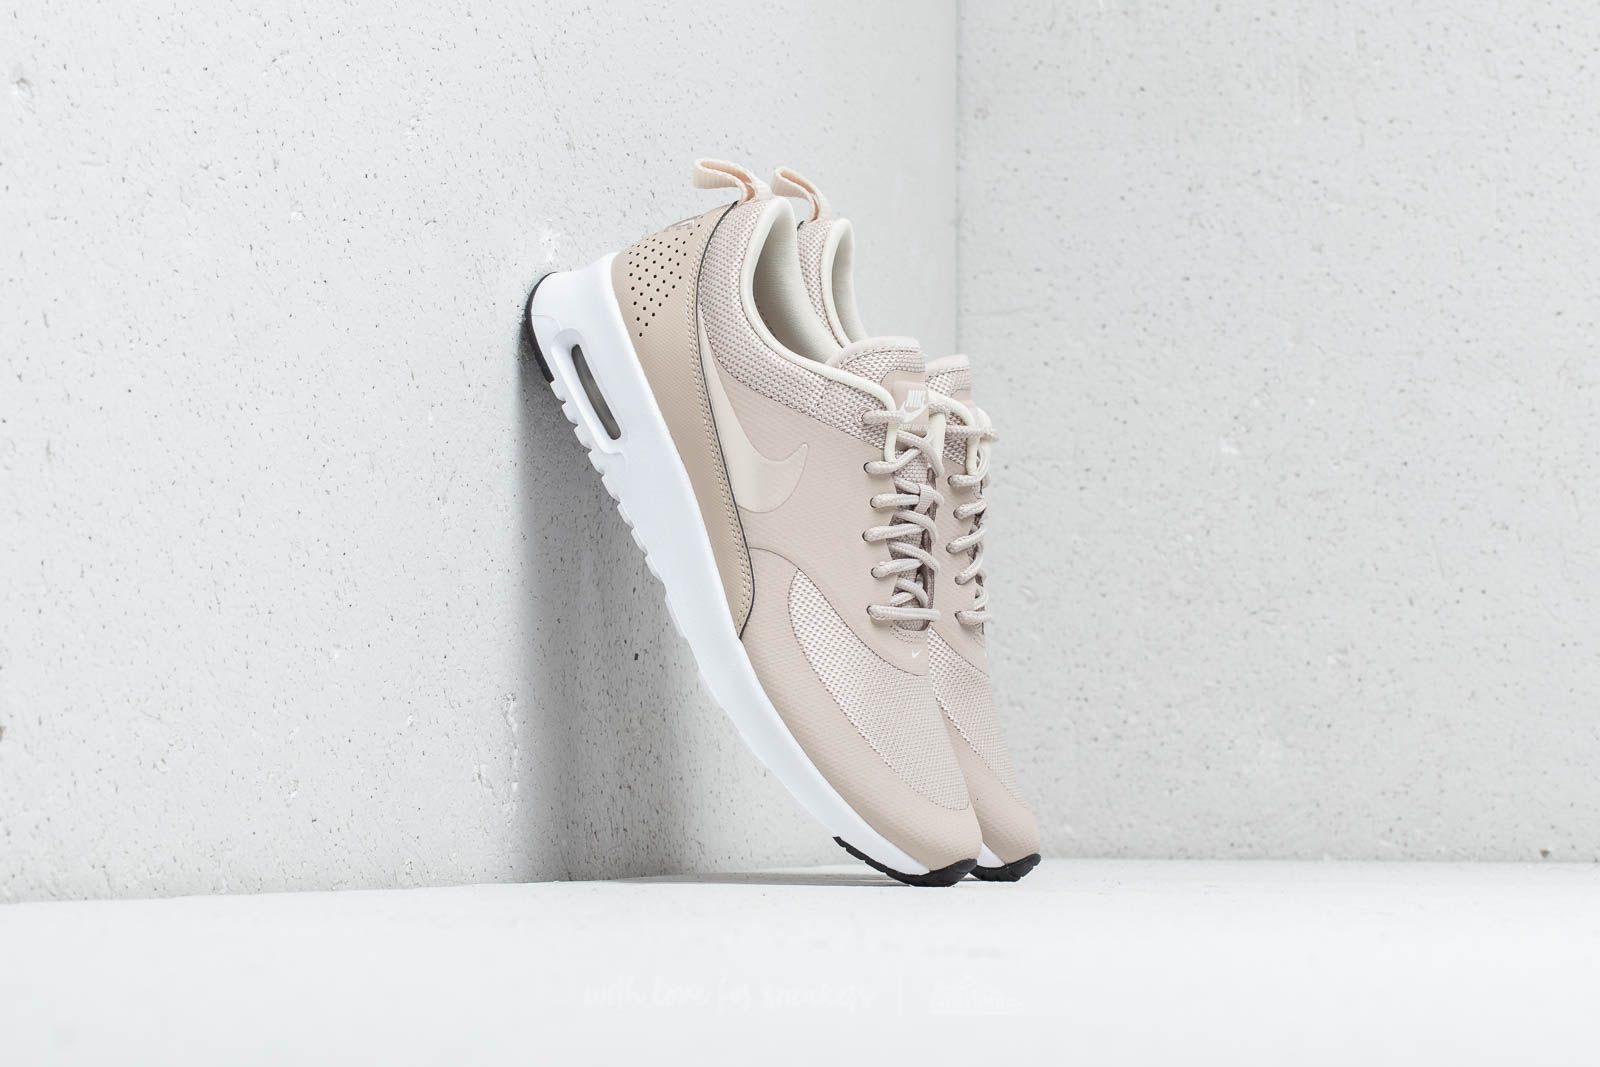 Nike Wmns Air Max Thea String Light Cream Black White | Footshop